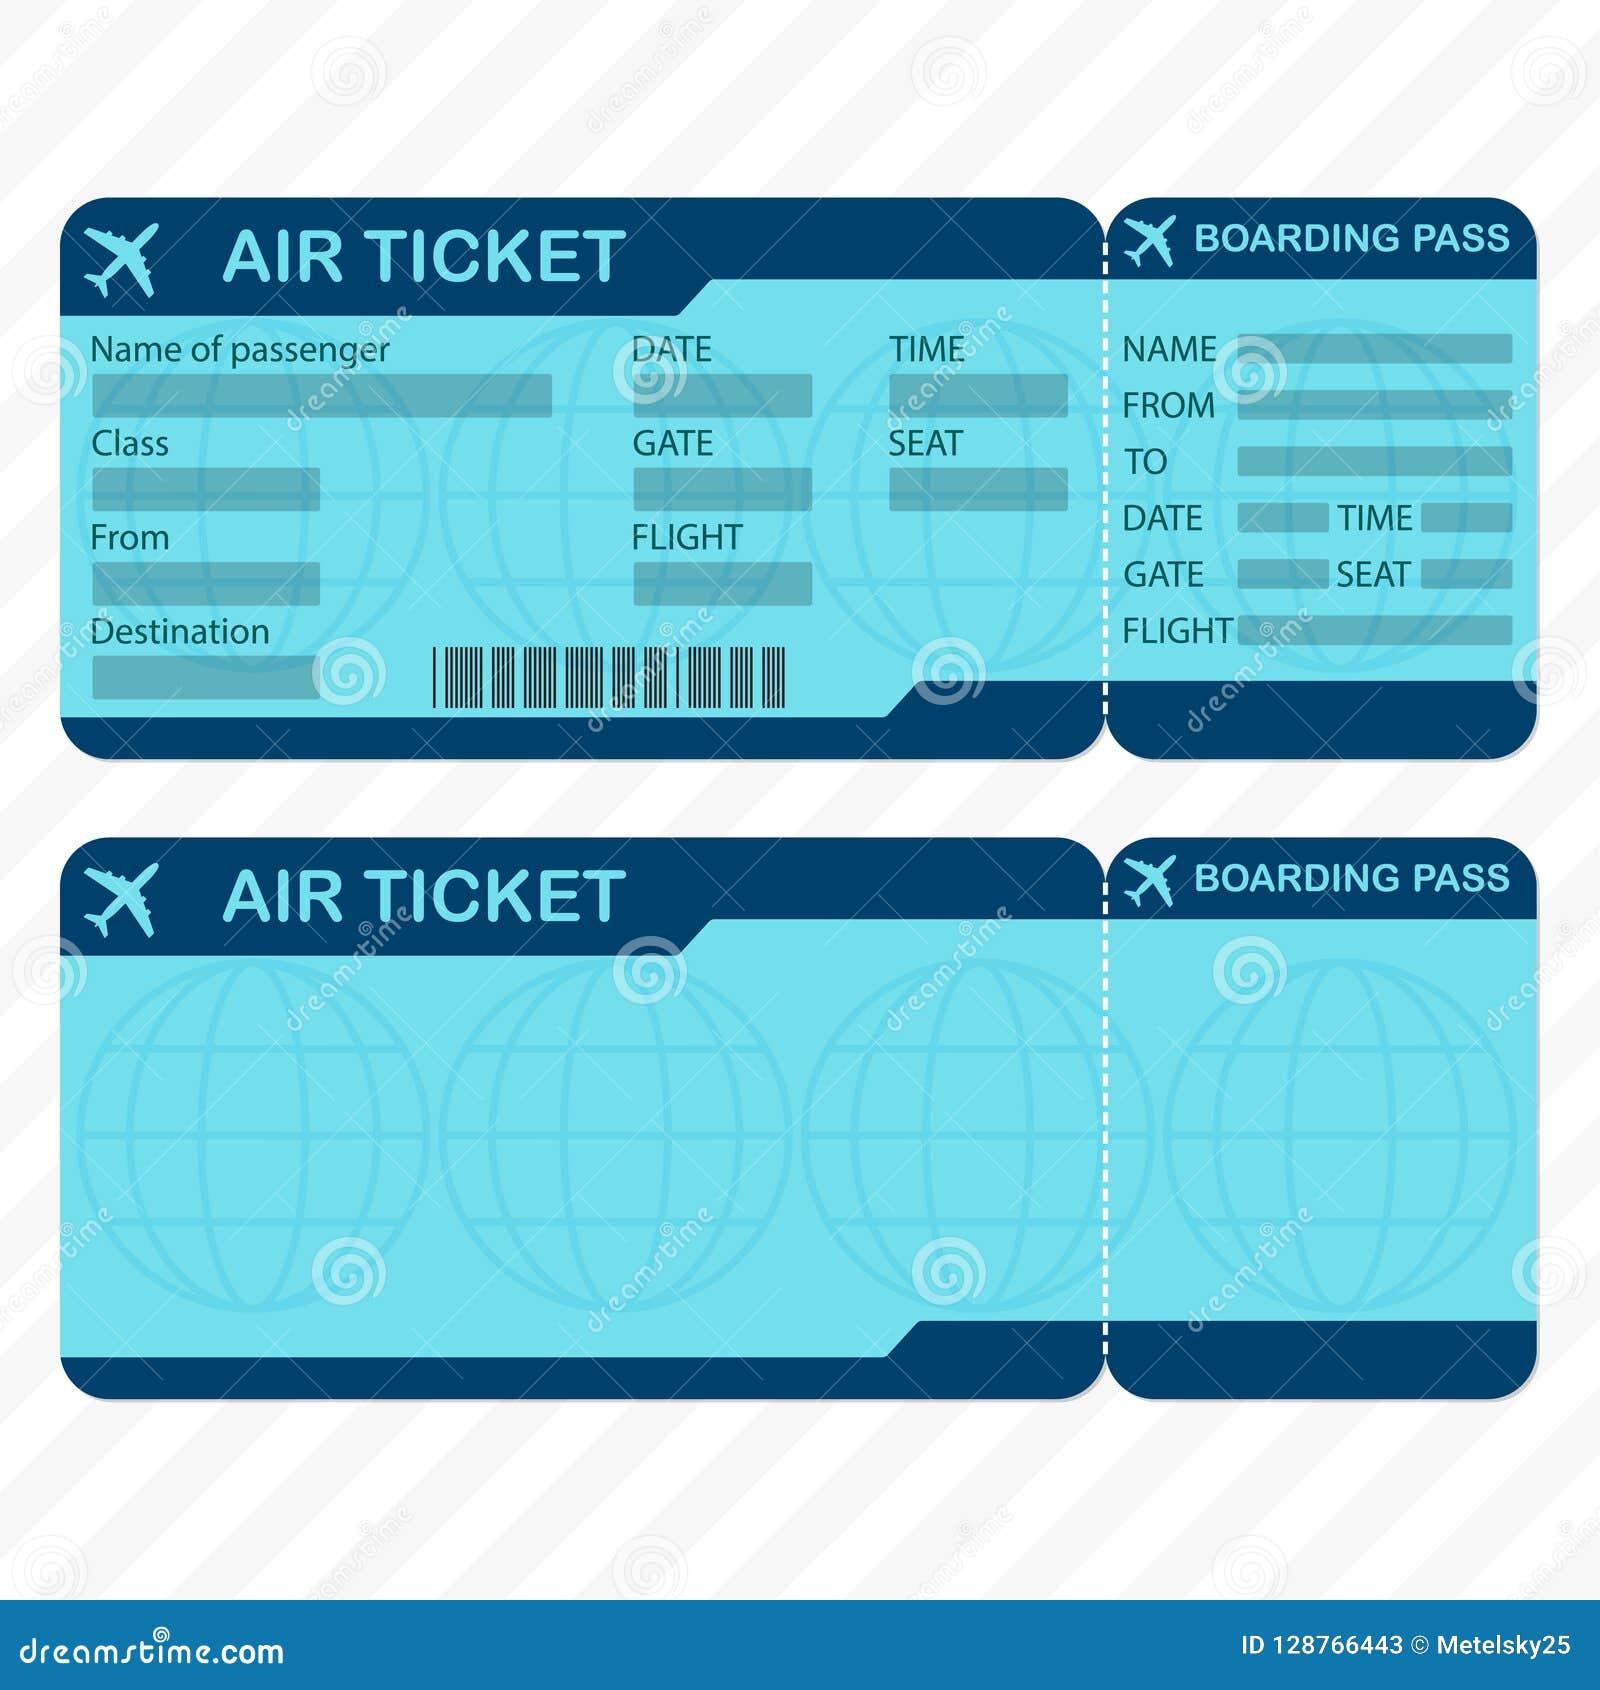 göra flyg värdinnor dating piloter Okcupid dejtingsajt Vänligen